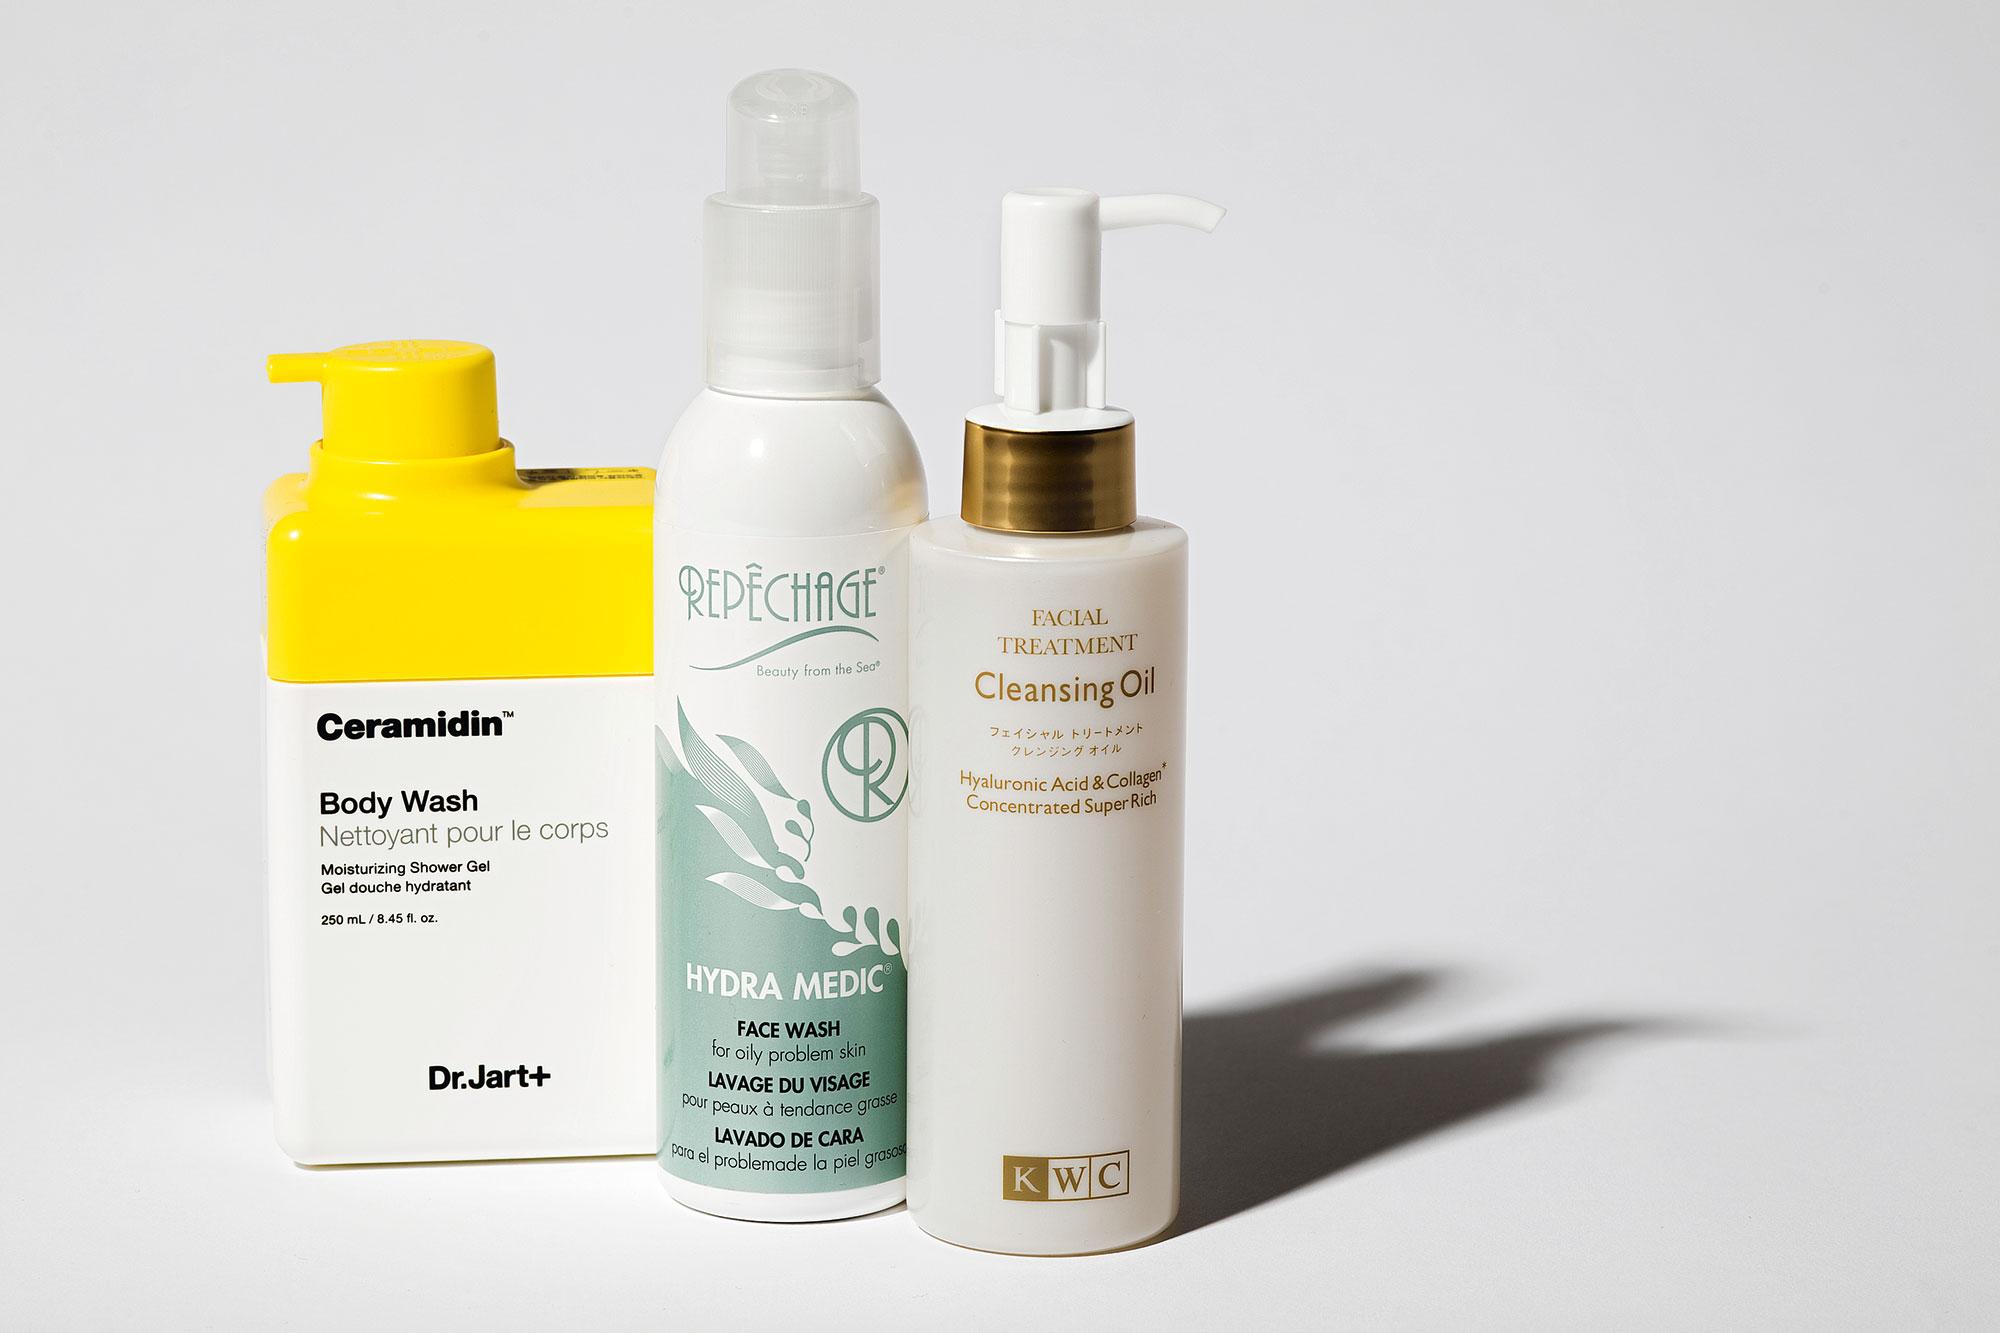 Мягкий гель длядуша Ceramidin, Dr.Jart+  Гель дляжирной кожи Hydra Medic, Repechage Масло дляумывания Cleansing Oil, KWC